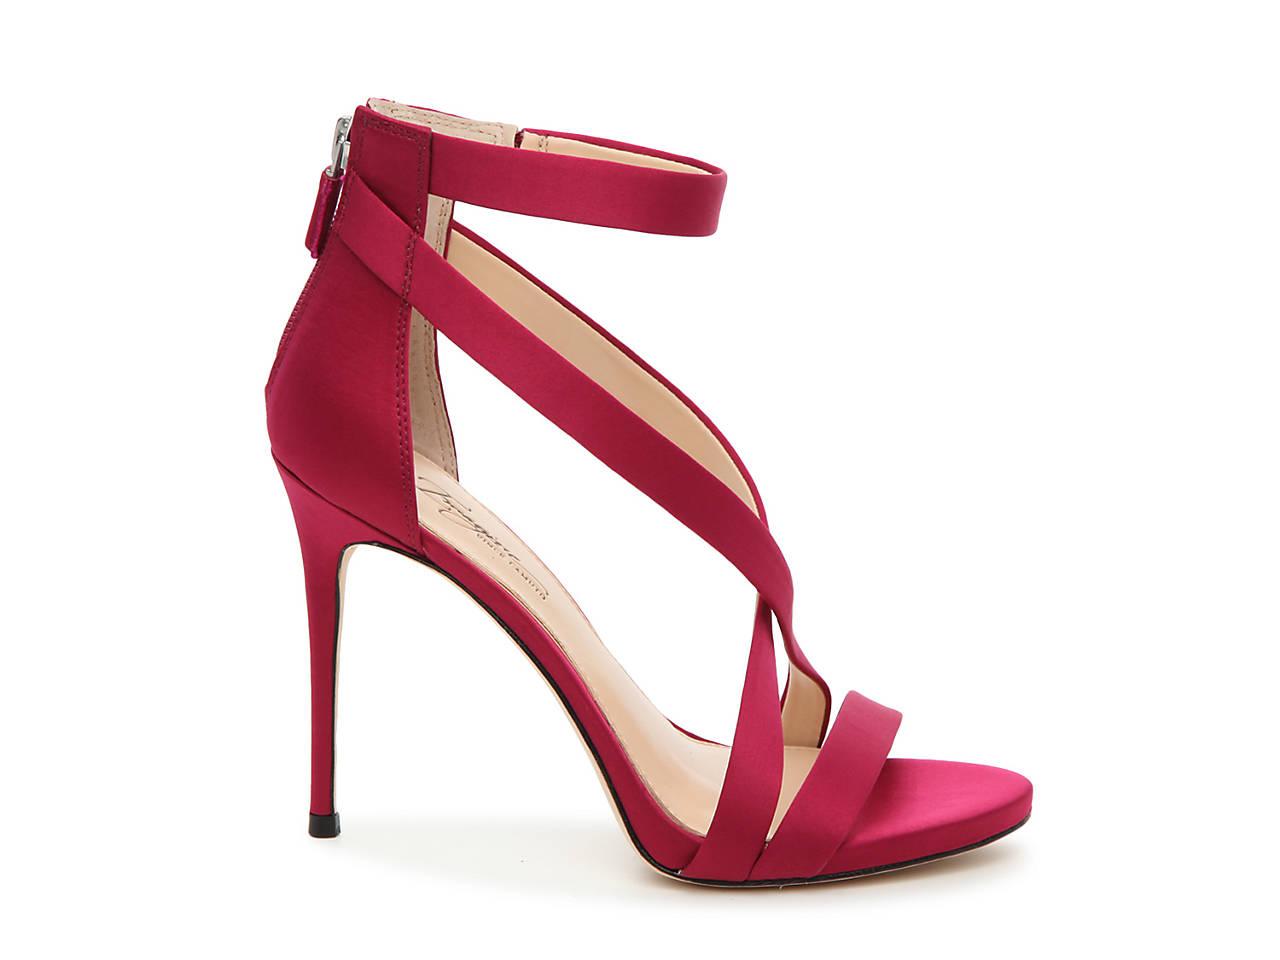 e0a0140b9d55 Imagine Vince Camuto Devin Sandal Women s Shoes